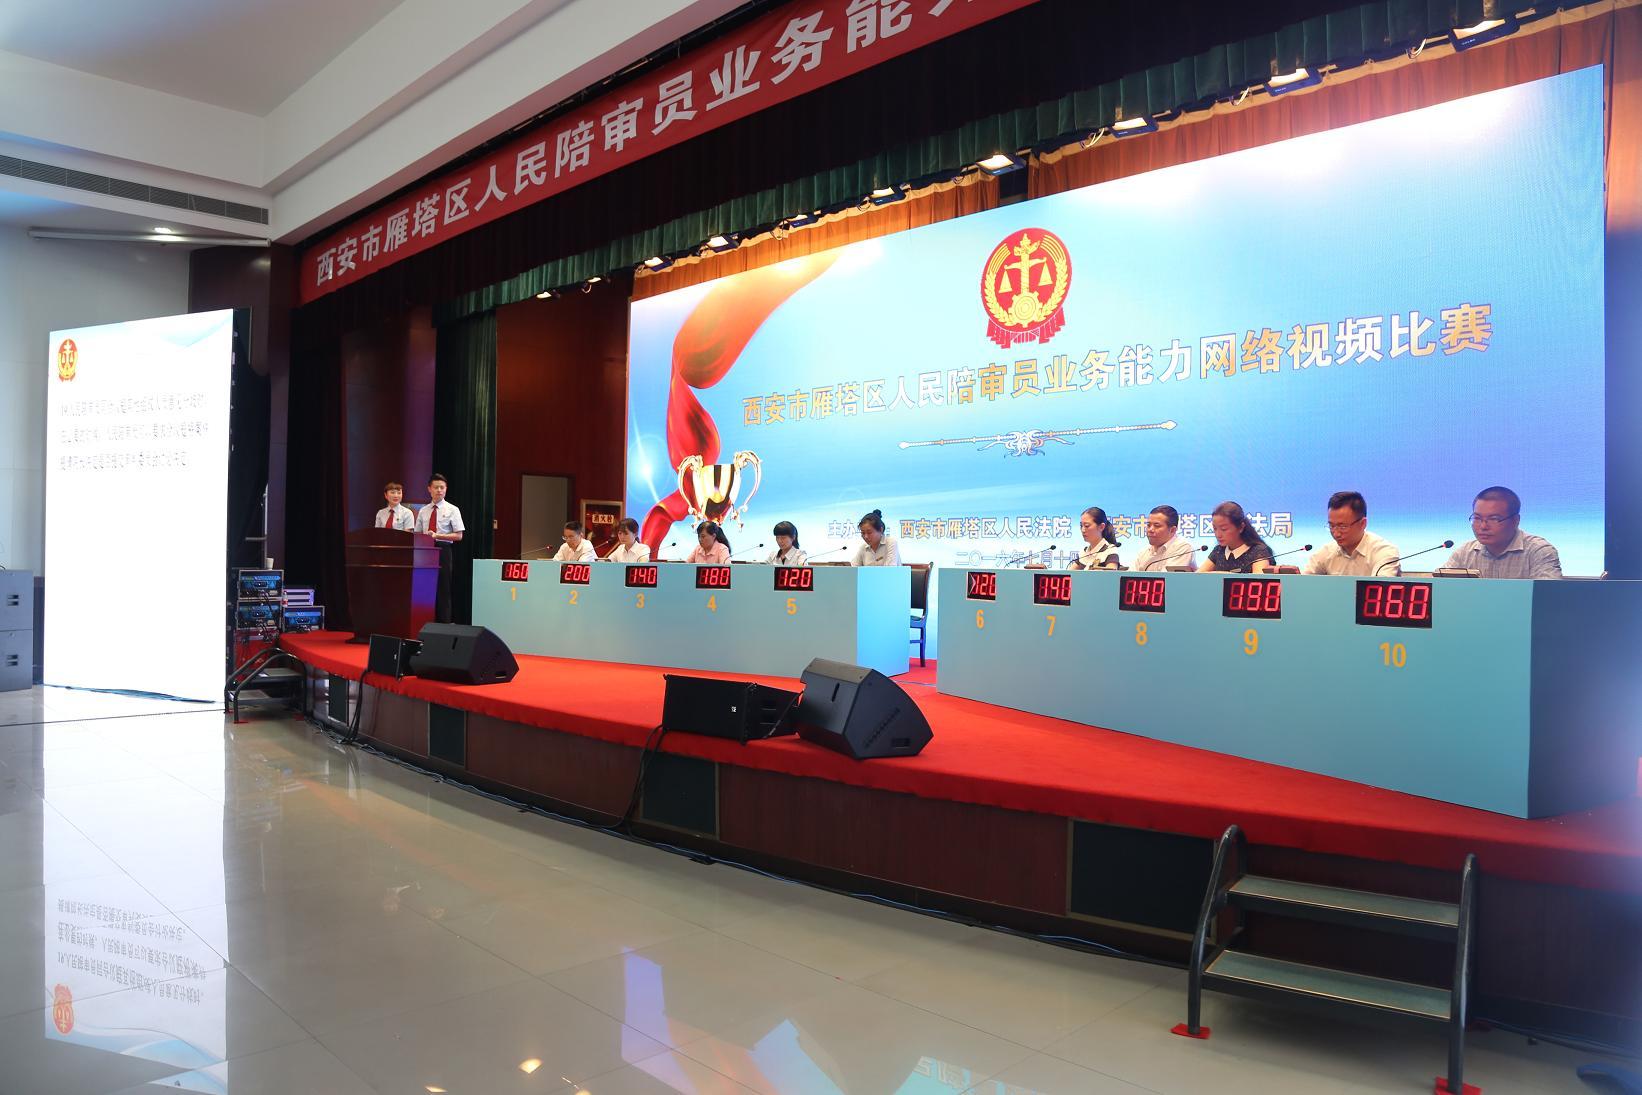 雁塔区法院举办了全省